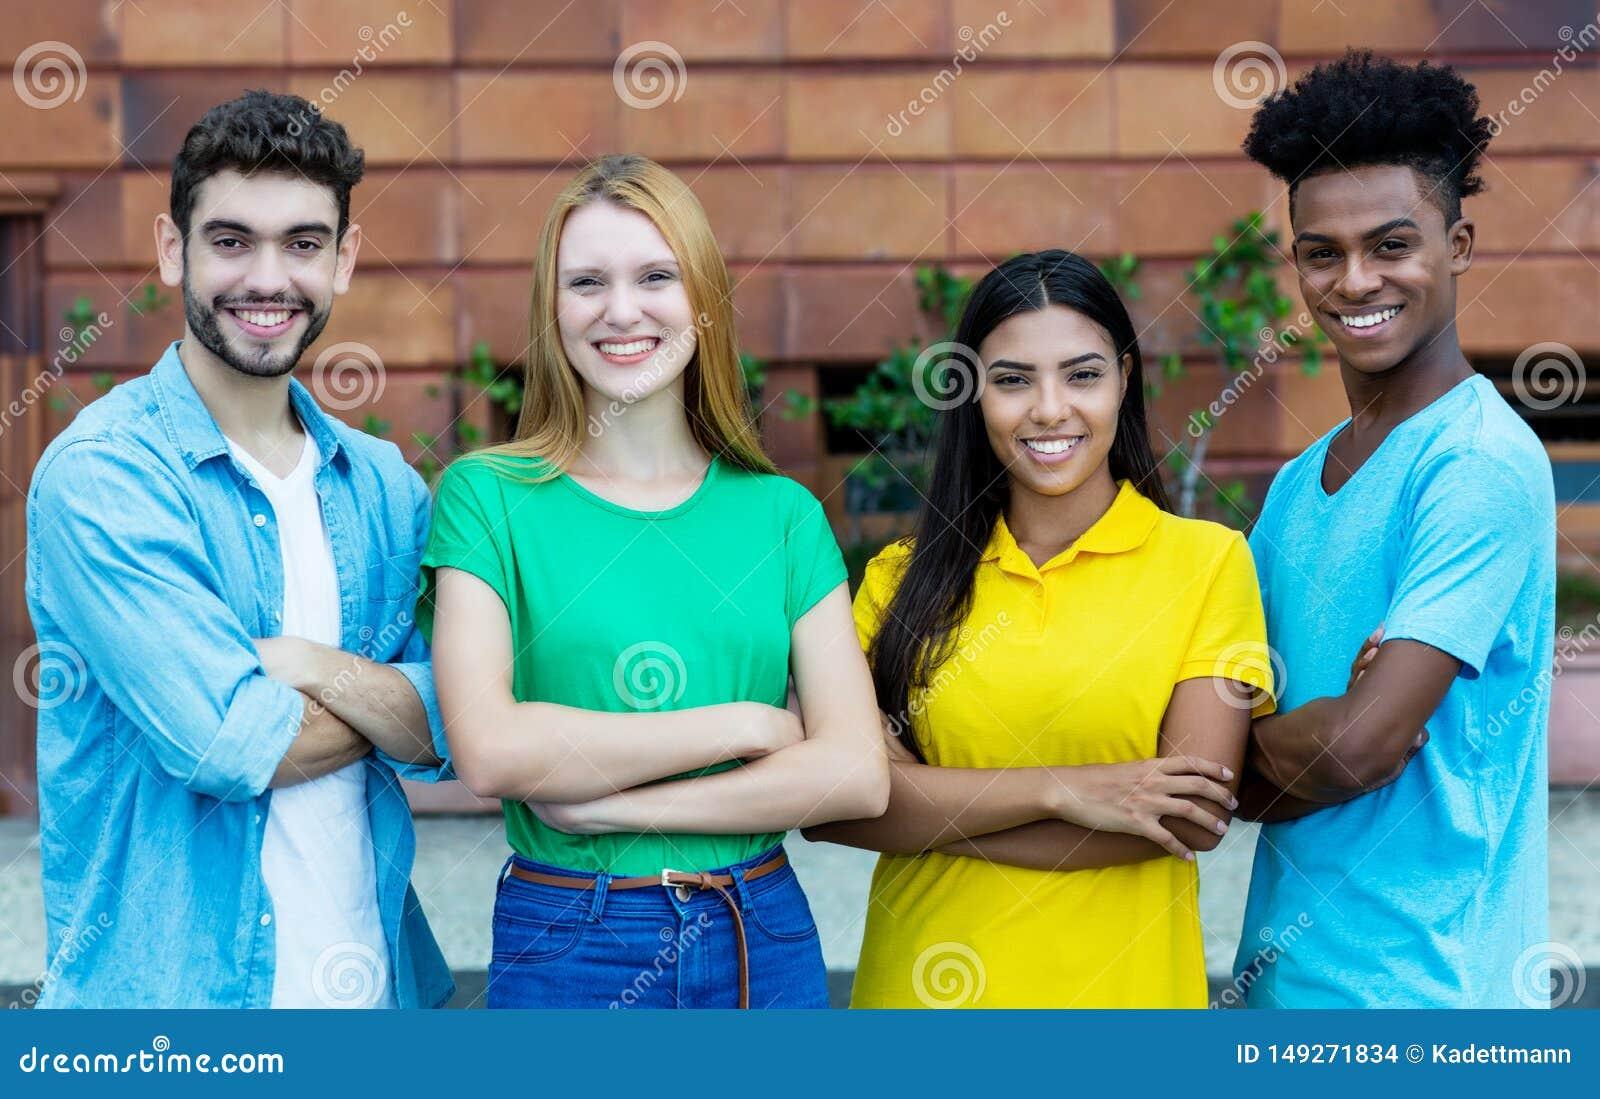 Grupp av fyra afrikansk amerikan och latin och caucasian unga vuxna m?nniskor